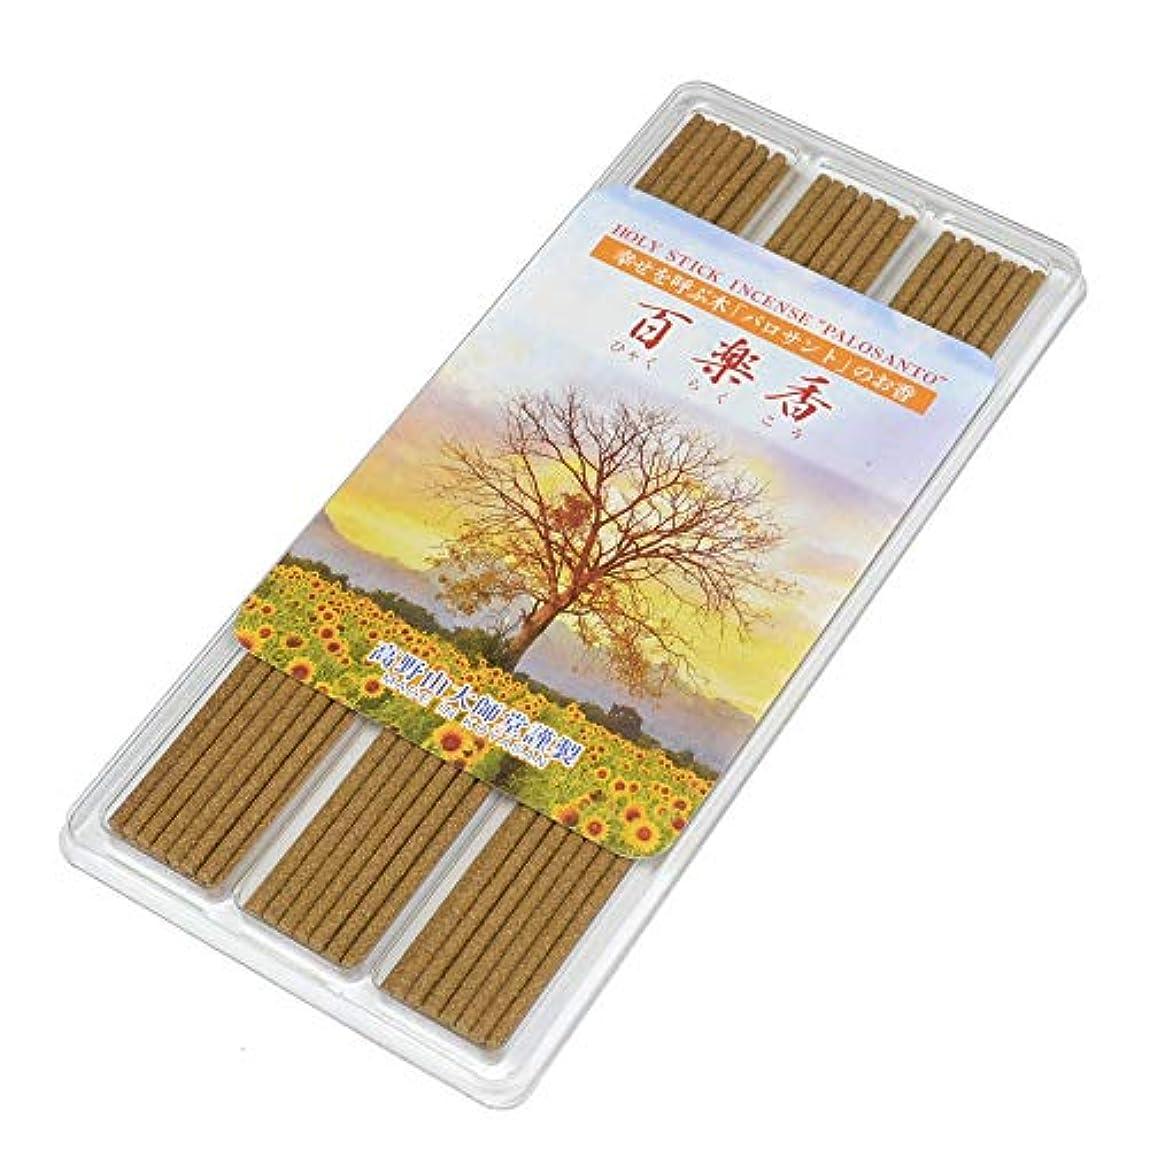 ダメージ小屋シャワー幸運の木「パロサント」のお香【徳用】Palo Santo Incense